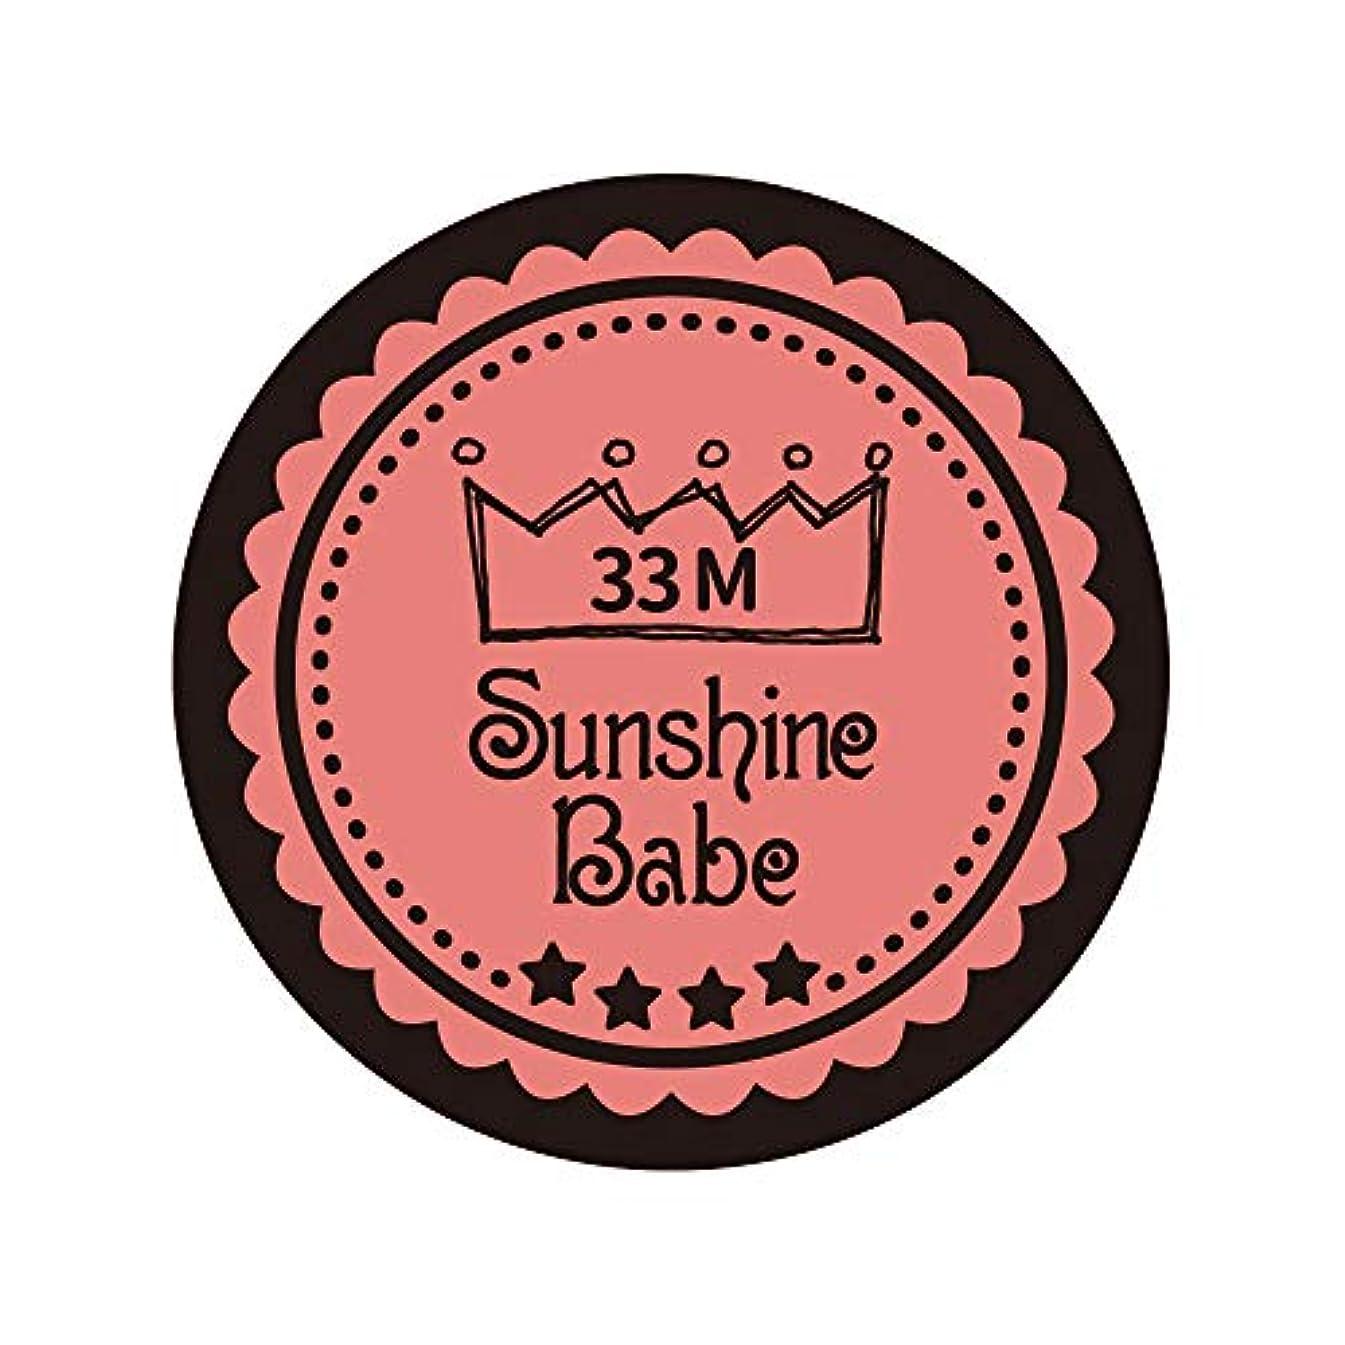 冬租界悪意Sunshine Babe カラージェル 33M ベイクドコーラルピンク 4g UV/LED対応